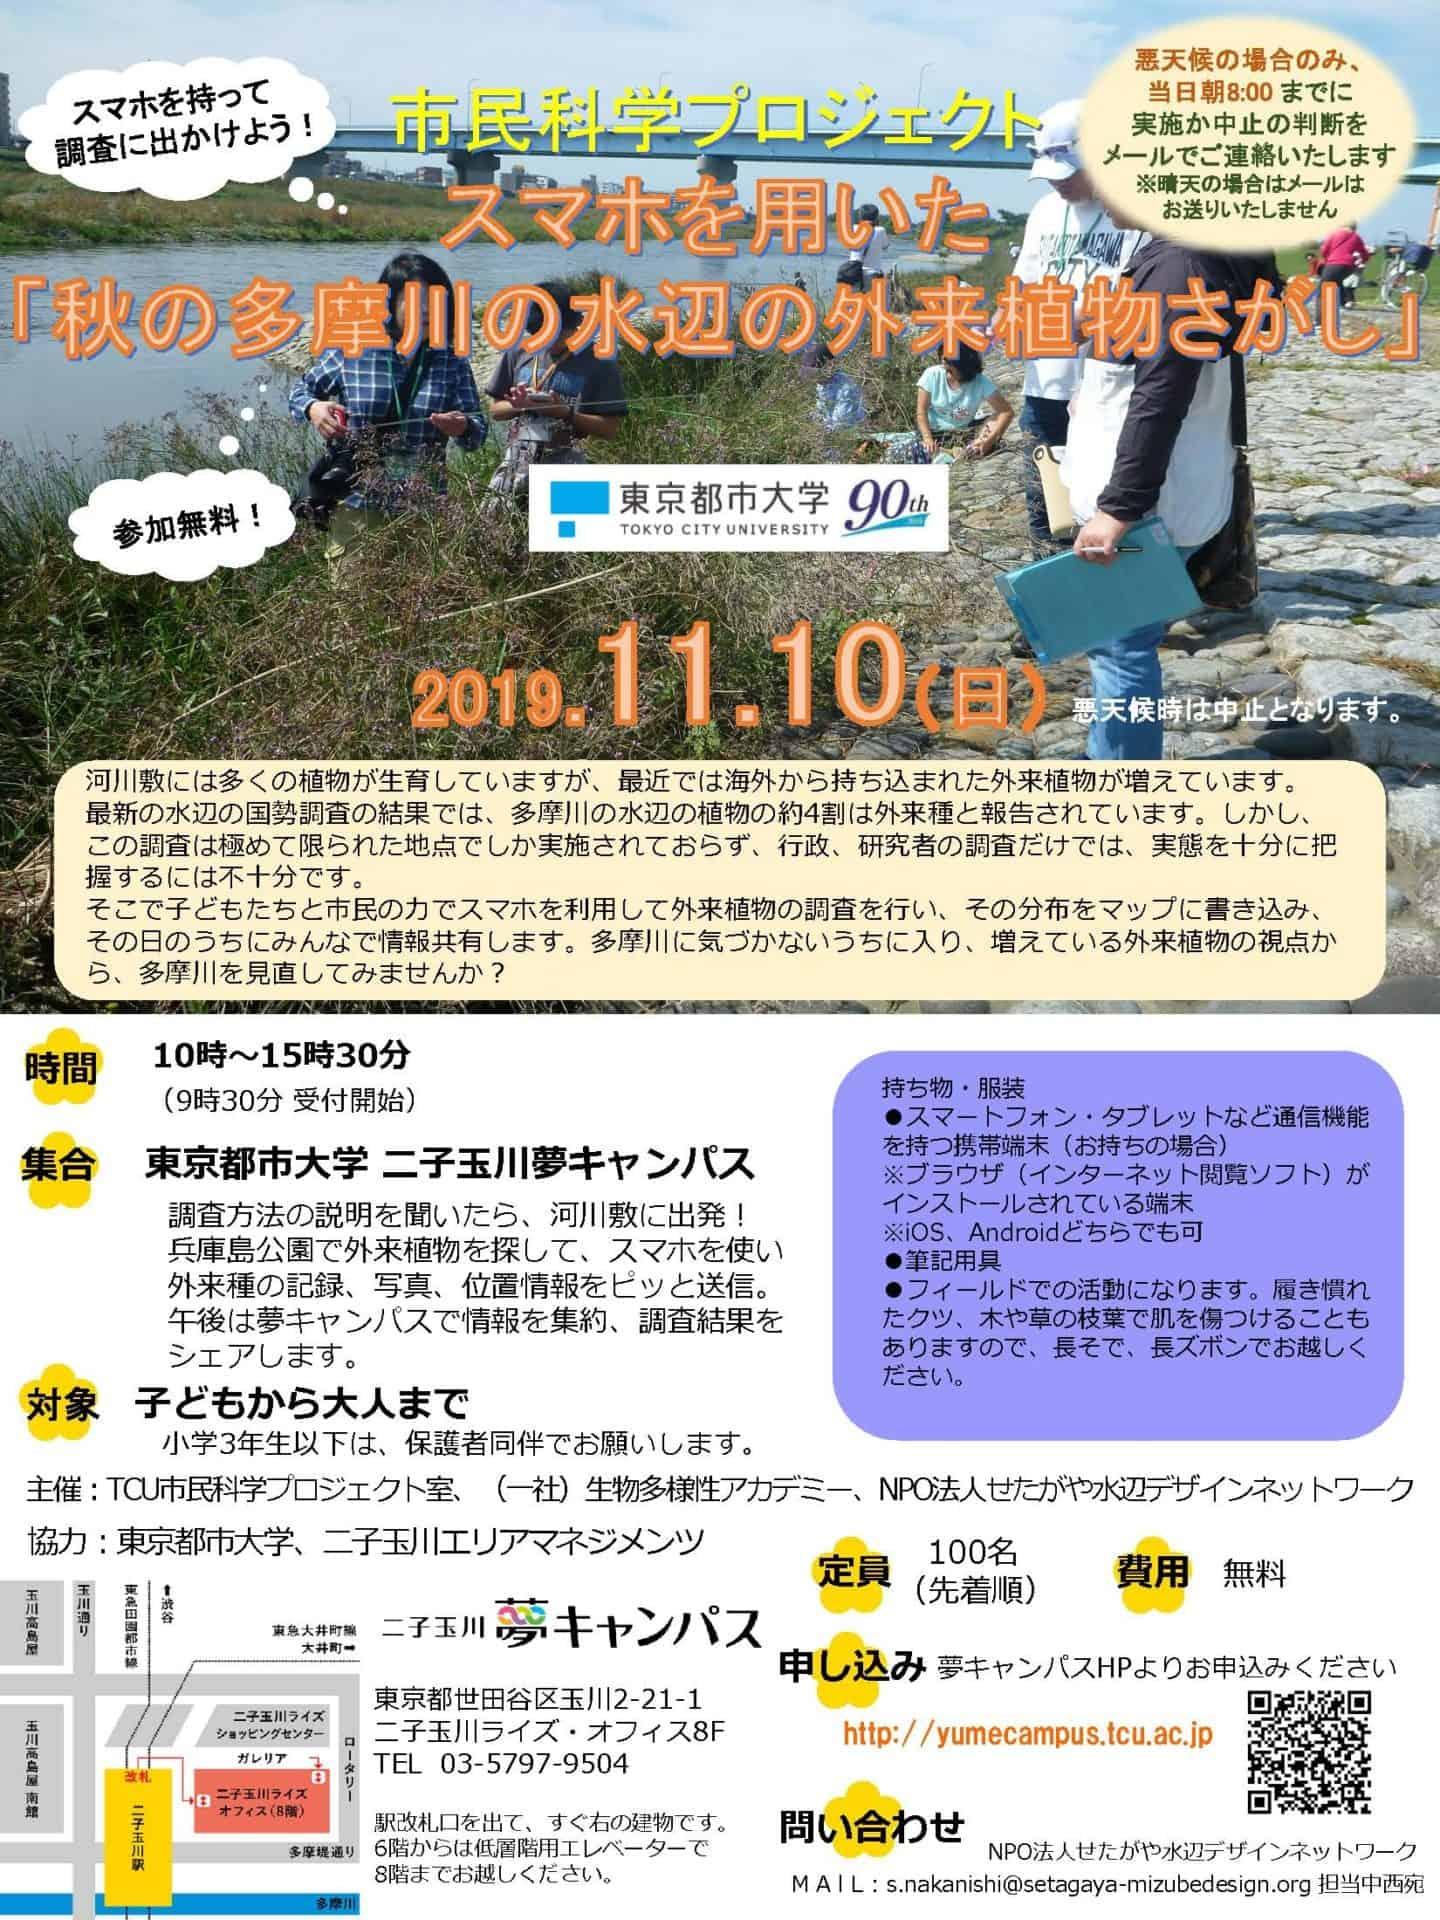 20191110-多摩川外来植物探し